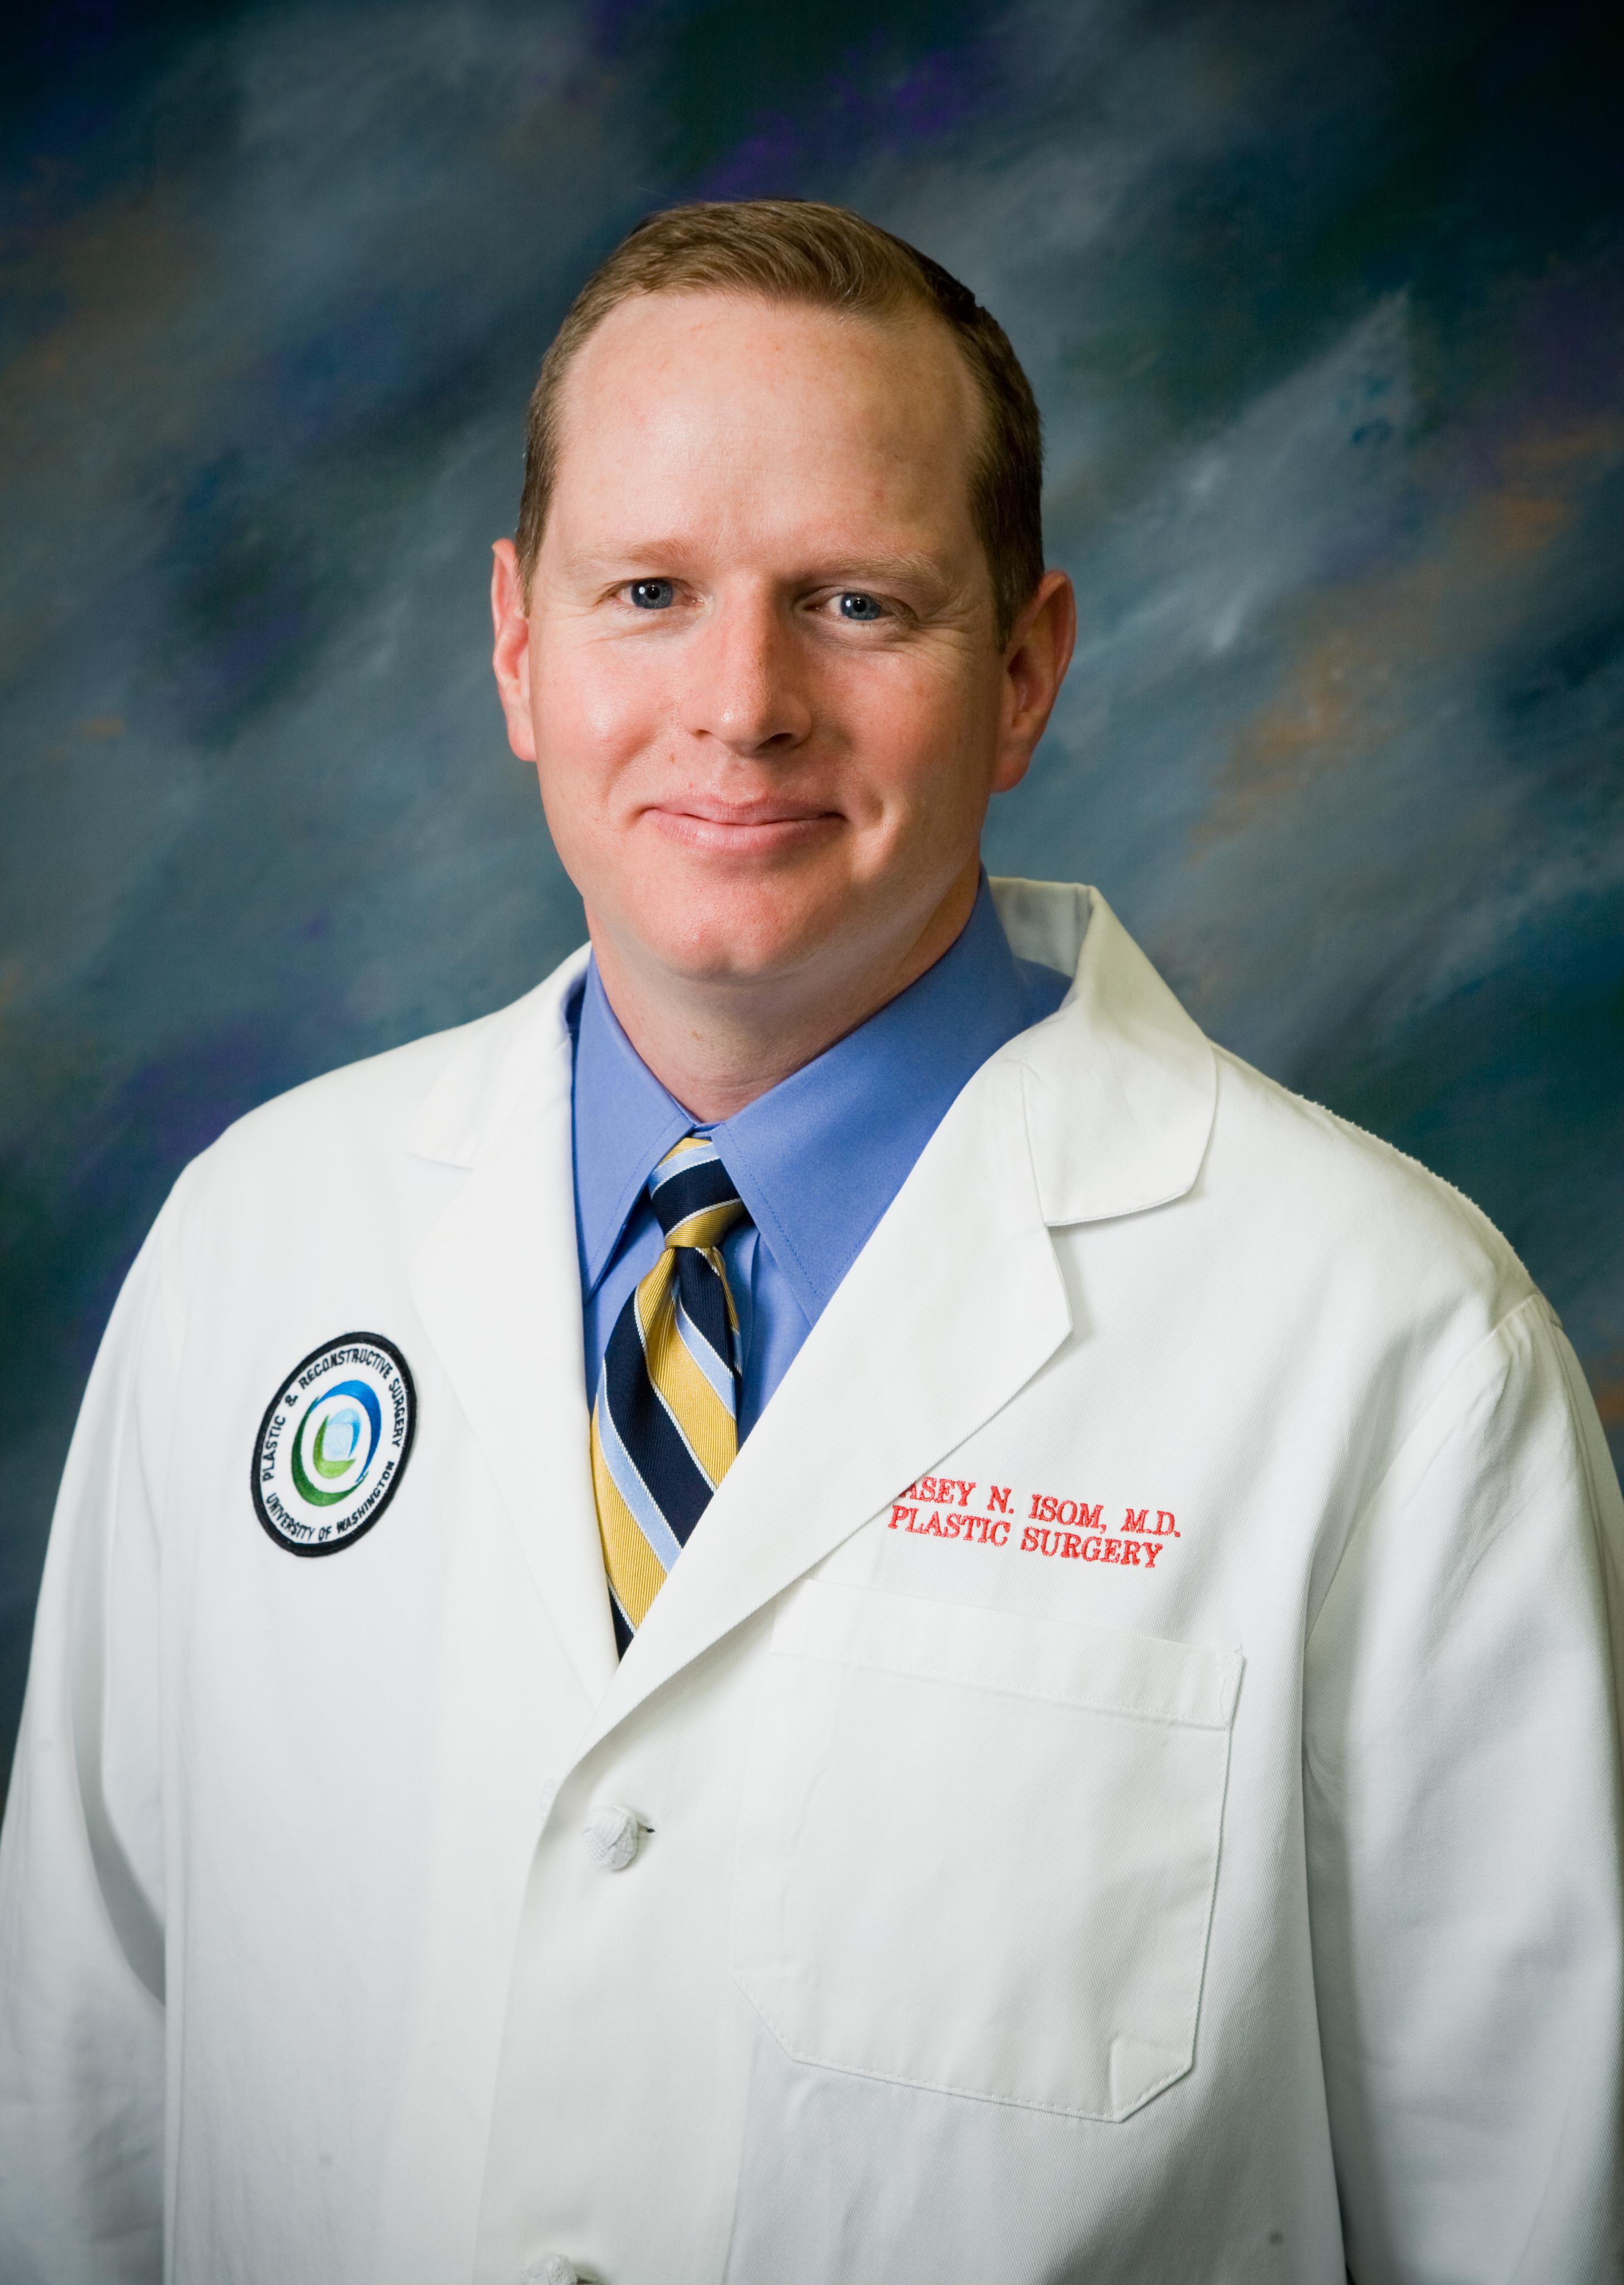 Casey N. Isom, MD